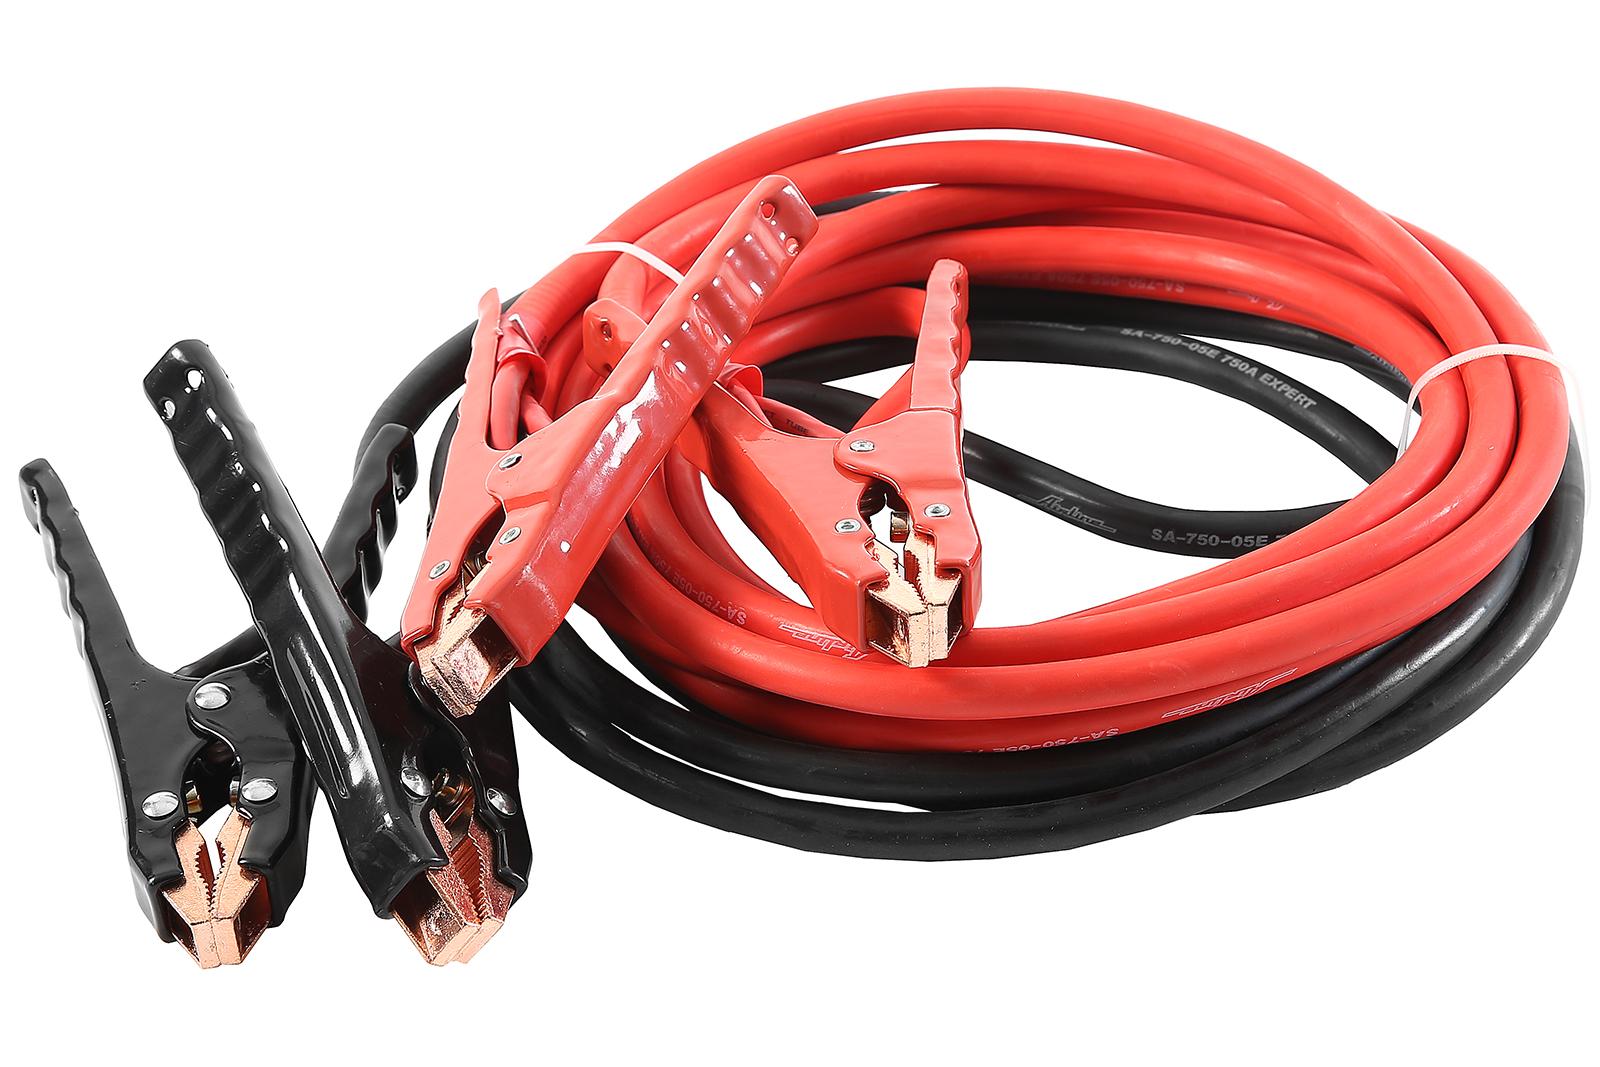 Провода для прикуривания Airline Expert sa-750-05e провода прикуривания airline 2 5 м 400 а